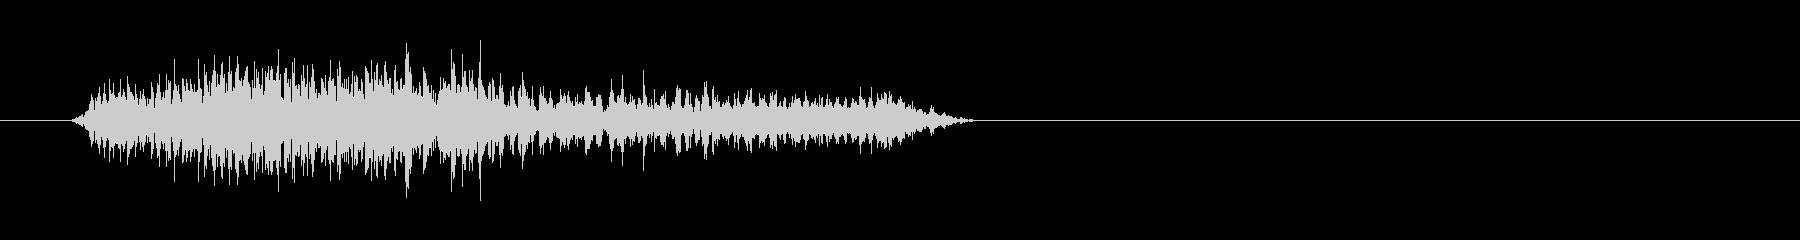 ゾンビやモンスターのダメージ時の声2の未再生の波形